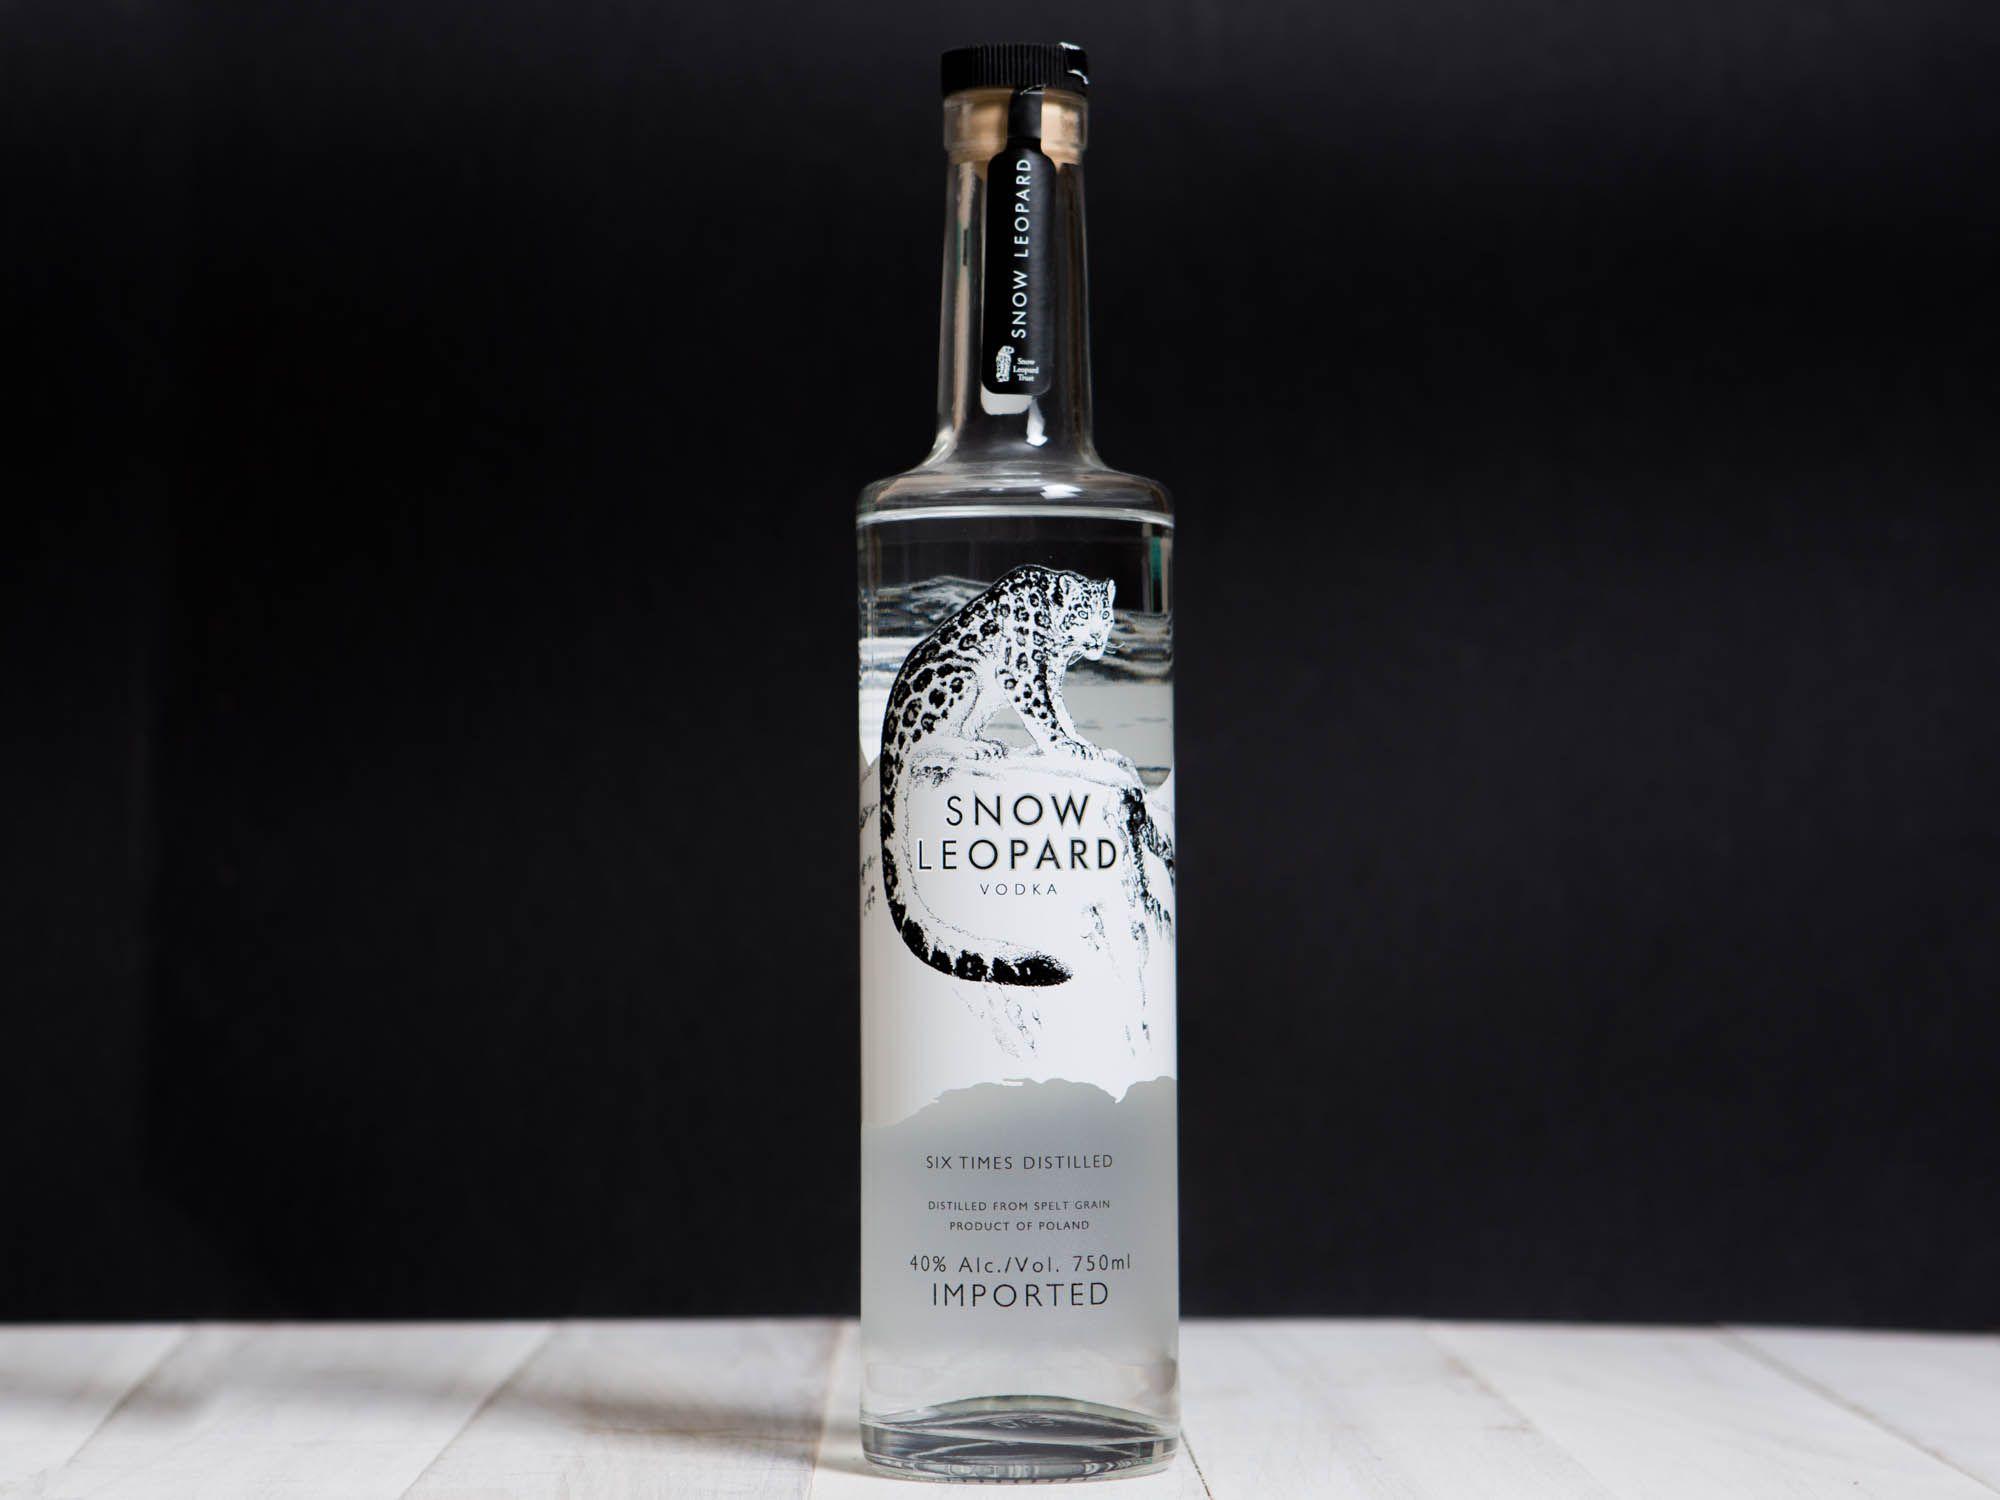 20150714-vodka-snow-leopard-vicky-wasik-2.jpg